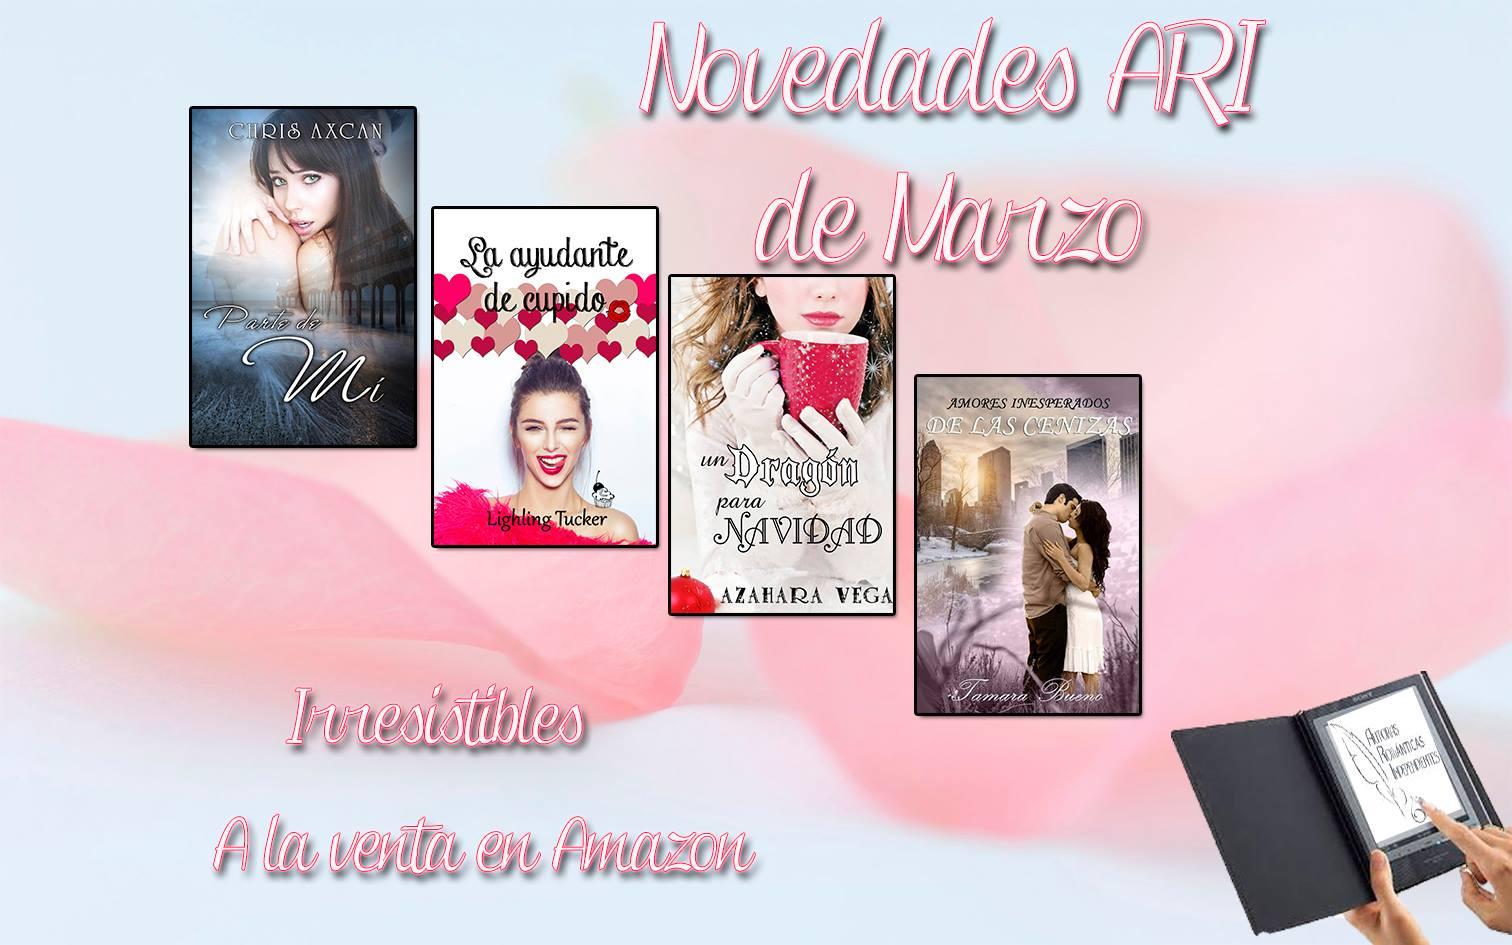 El desv n de las delicias novedades de marzo de ari - Novedades delicias ...